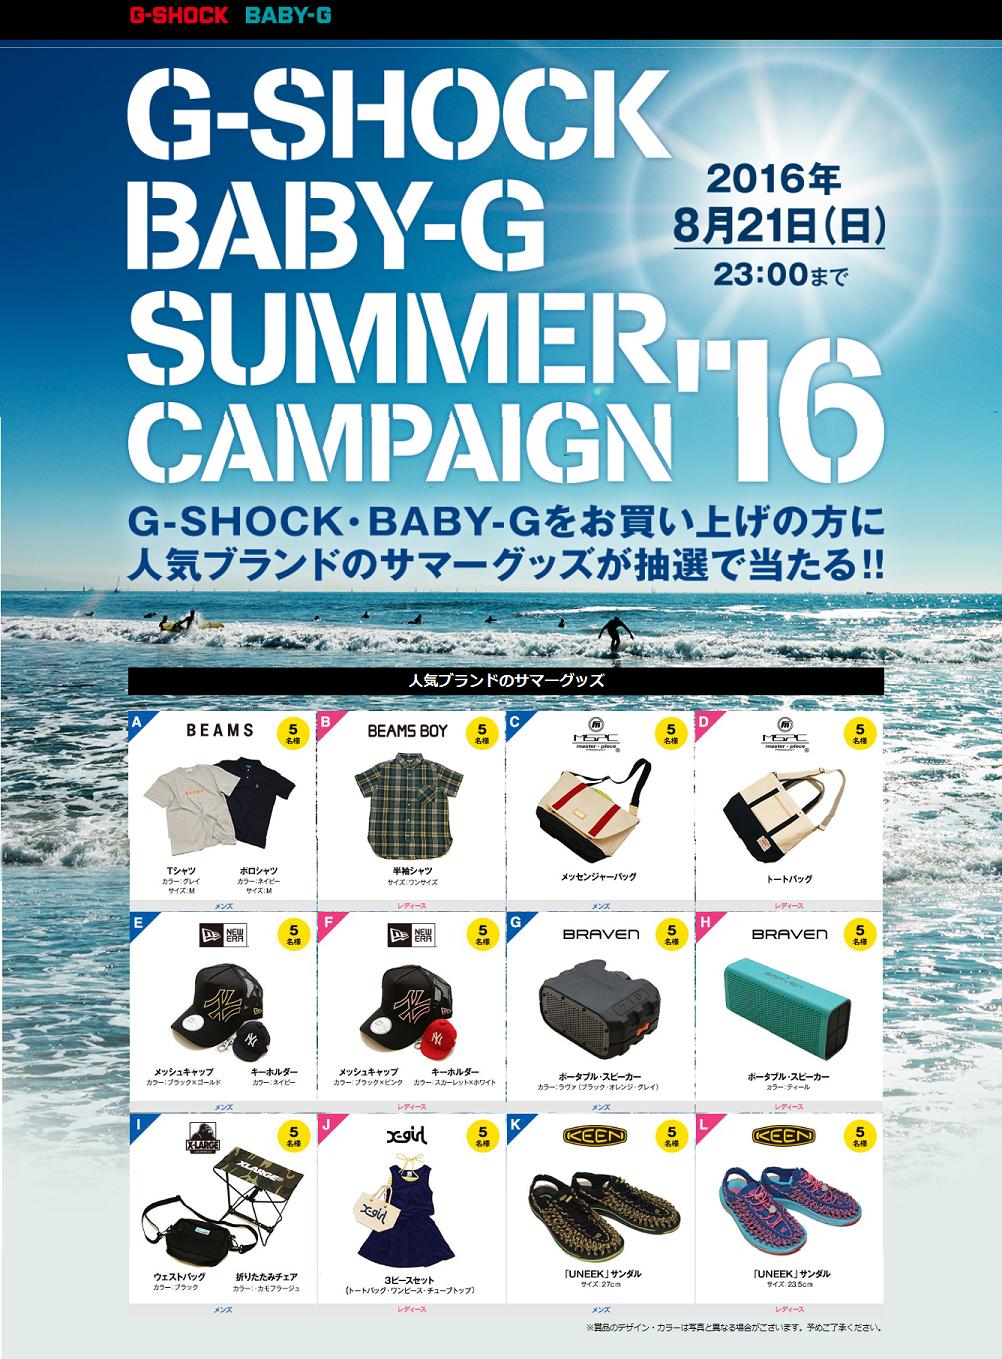 G-SHOCK BABY-G SUMMER キャンペーン